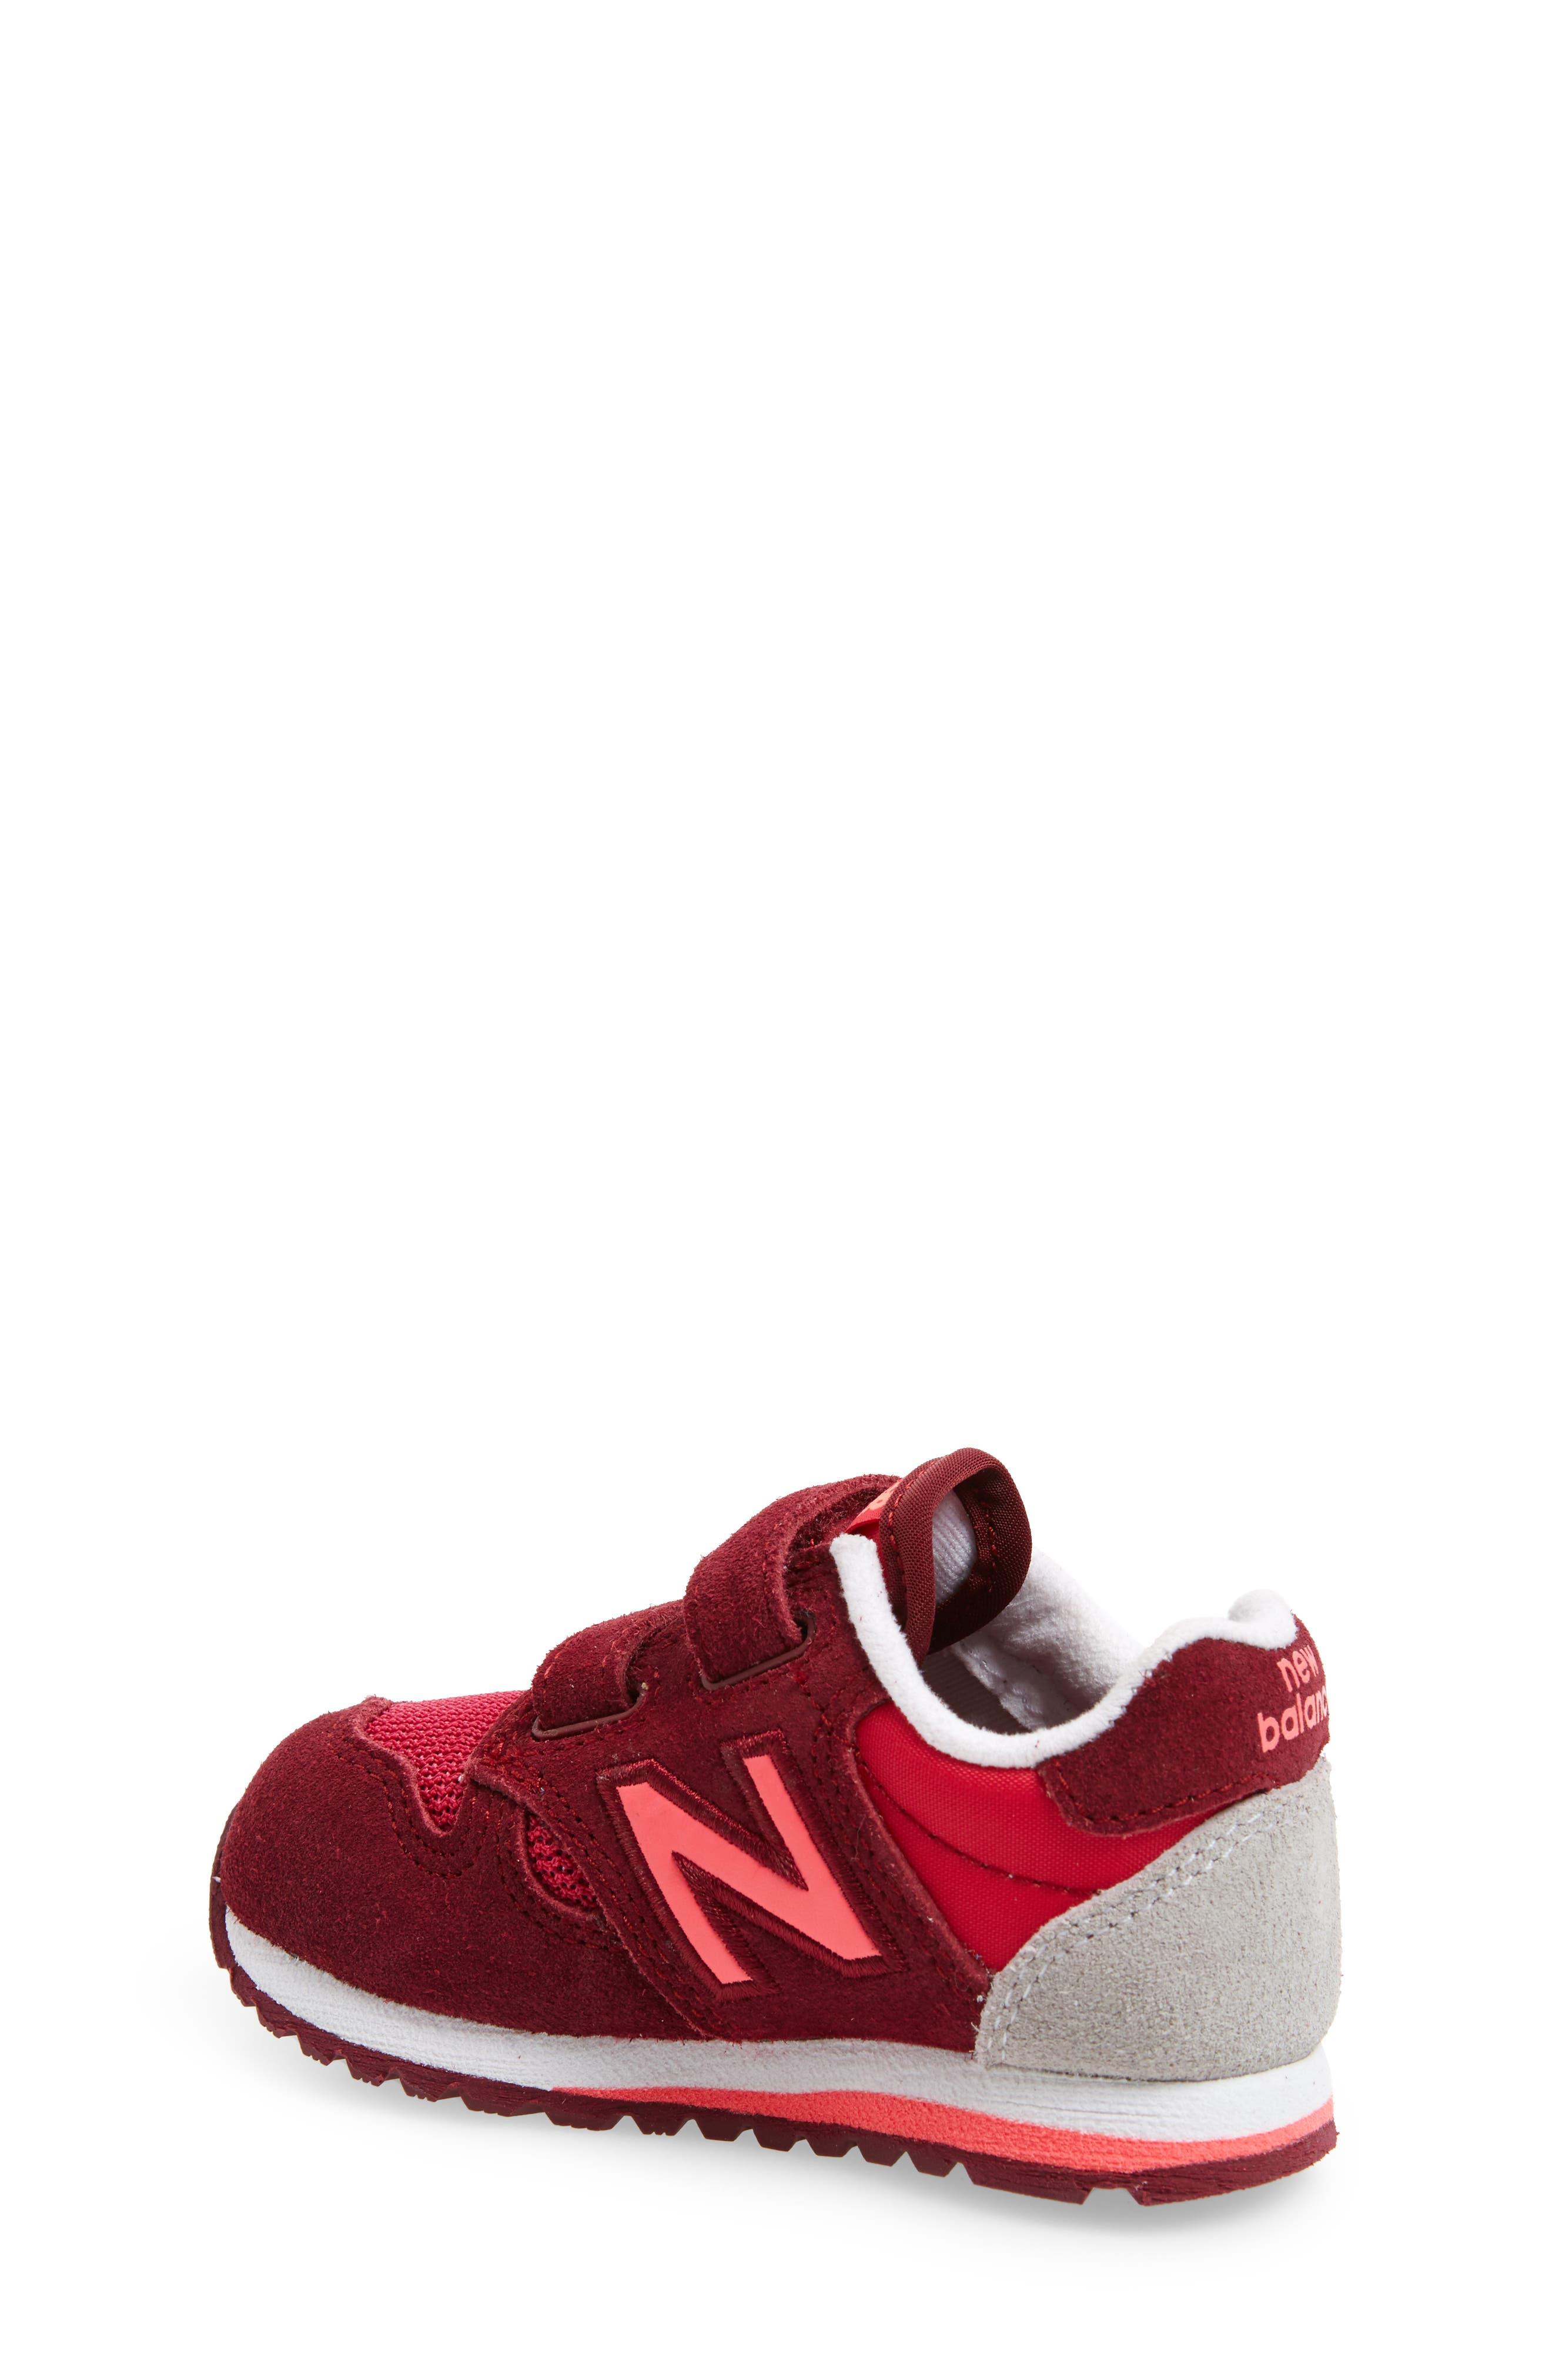 520 Sneaker,                             Alternate thumbnail 2, color,